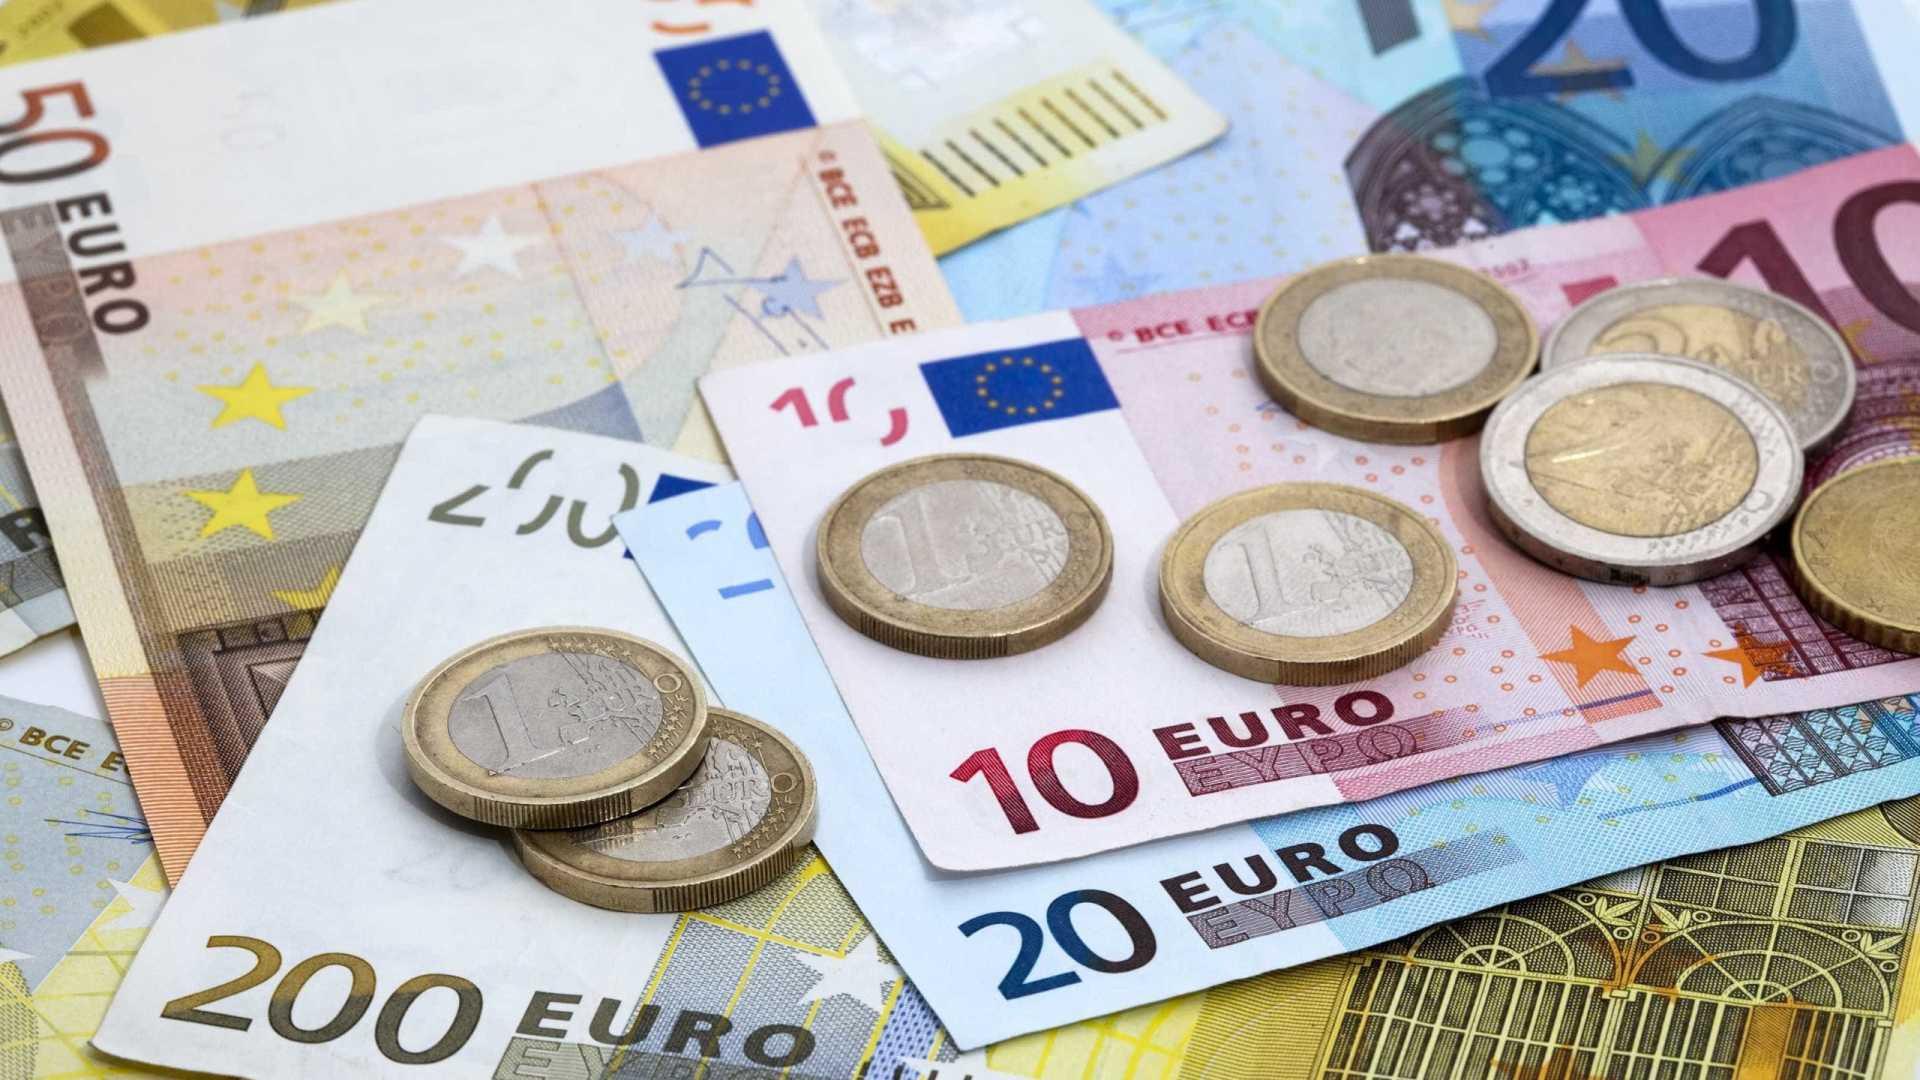 Tỷ giá đồng Euro hôm nay (11/9): Tiếp tục xu hướng tăng giá - Ảnh 1.